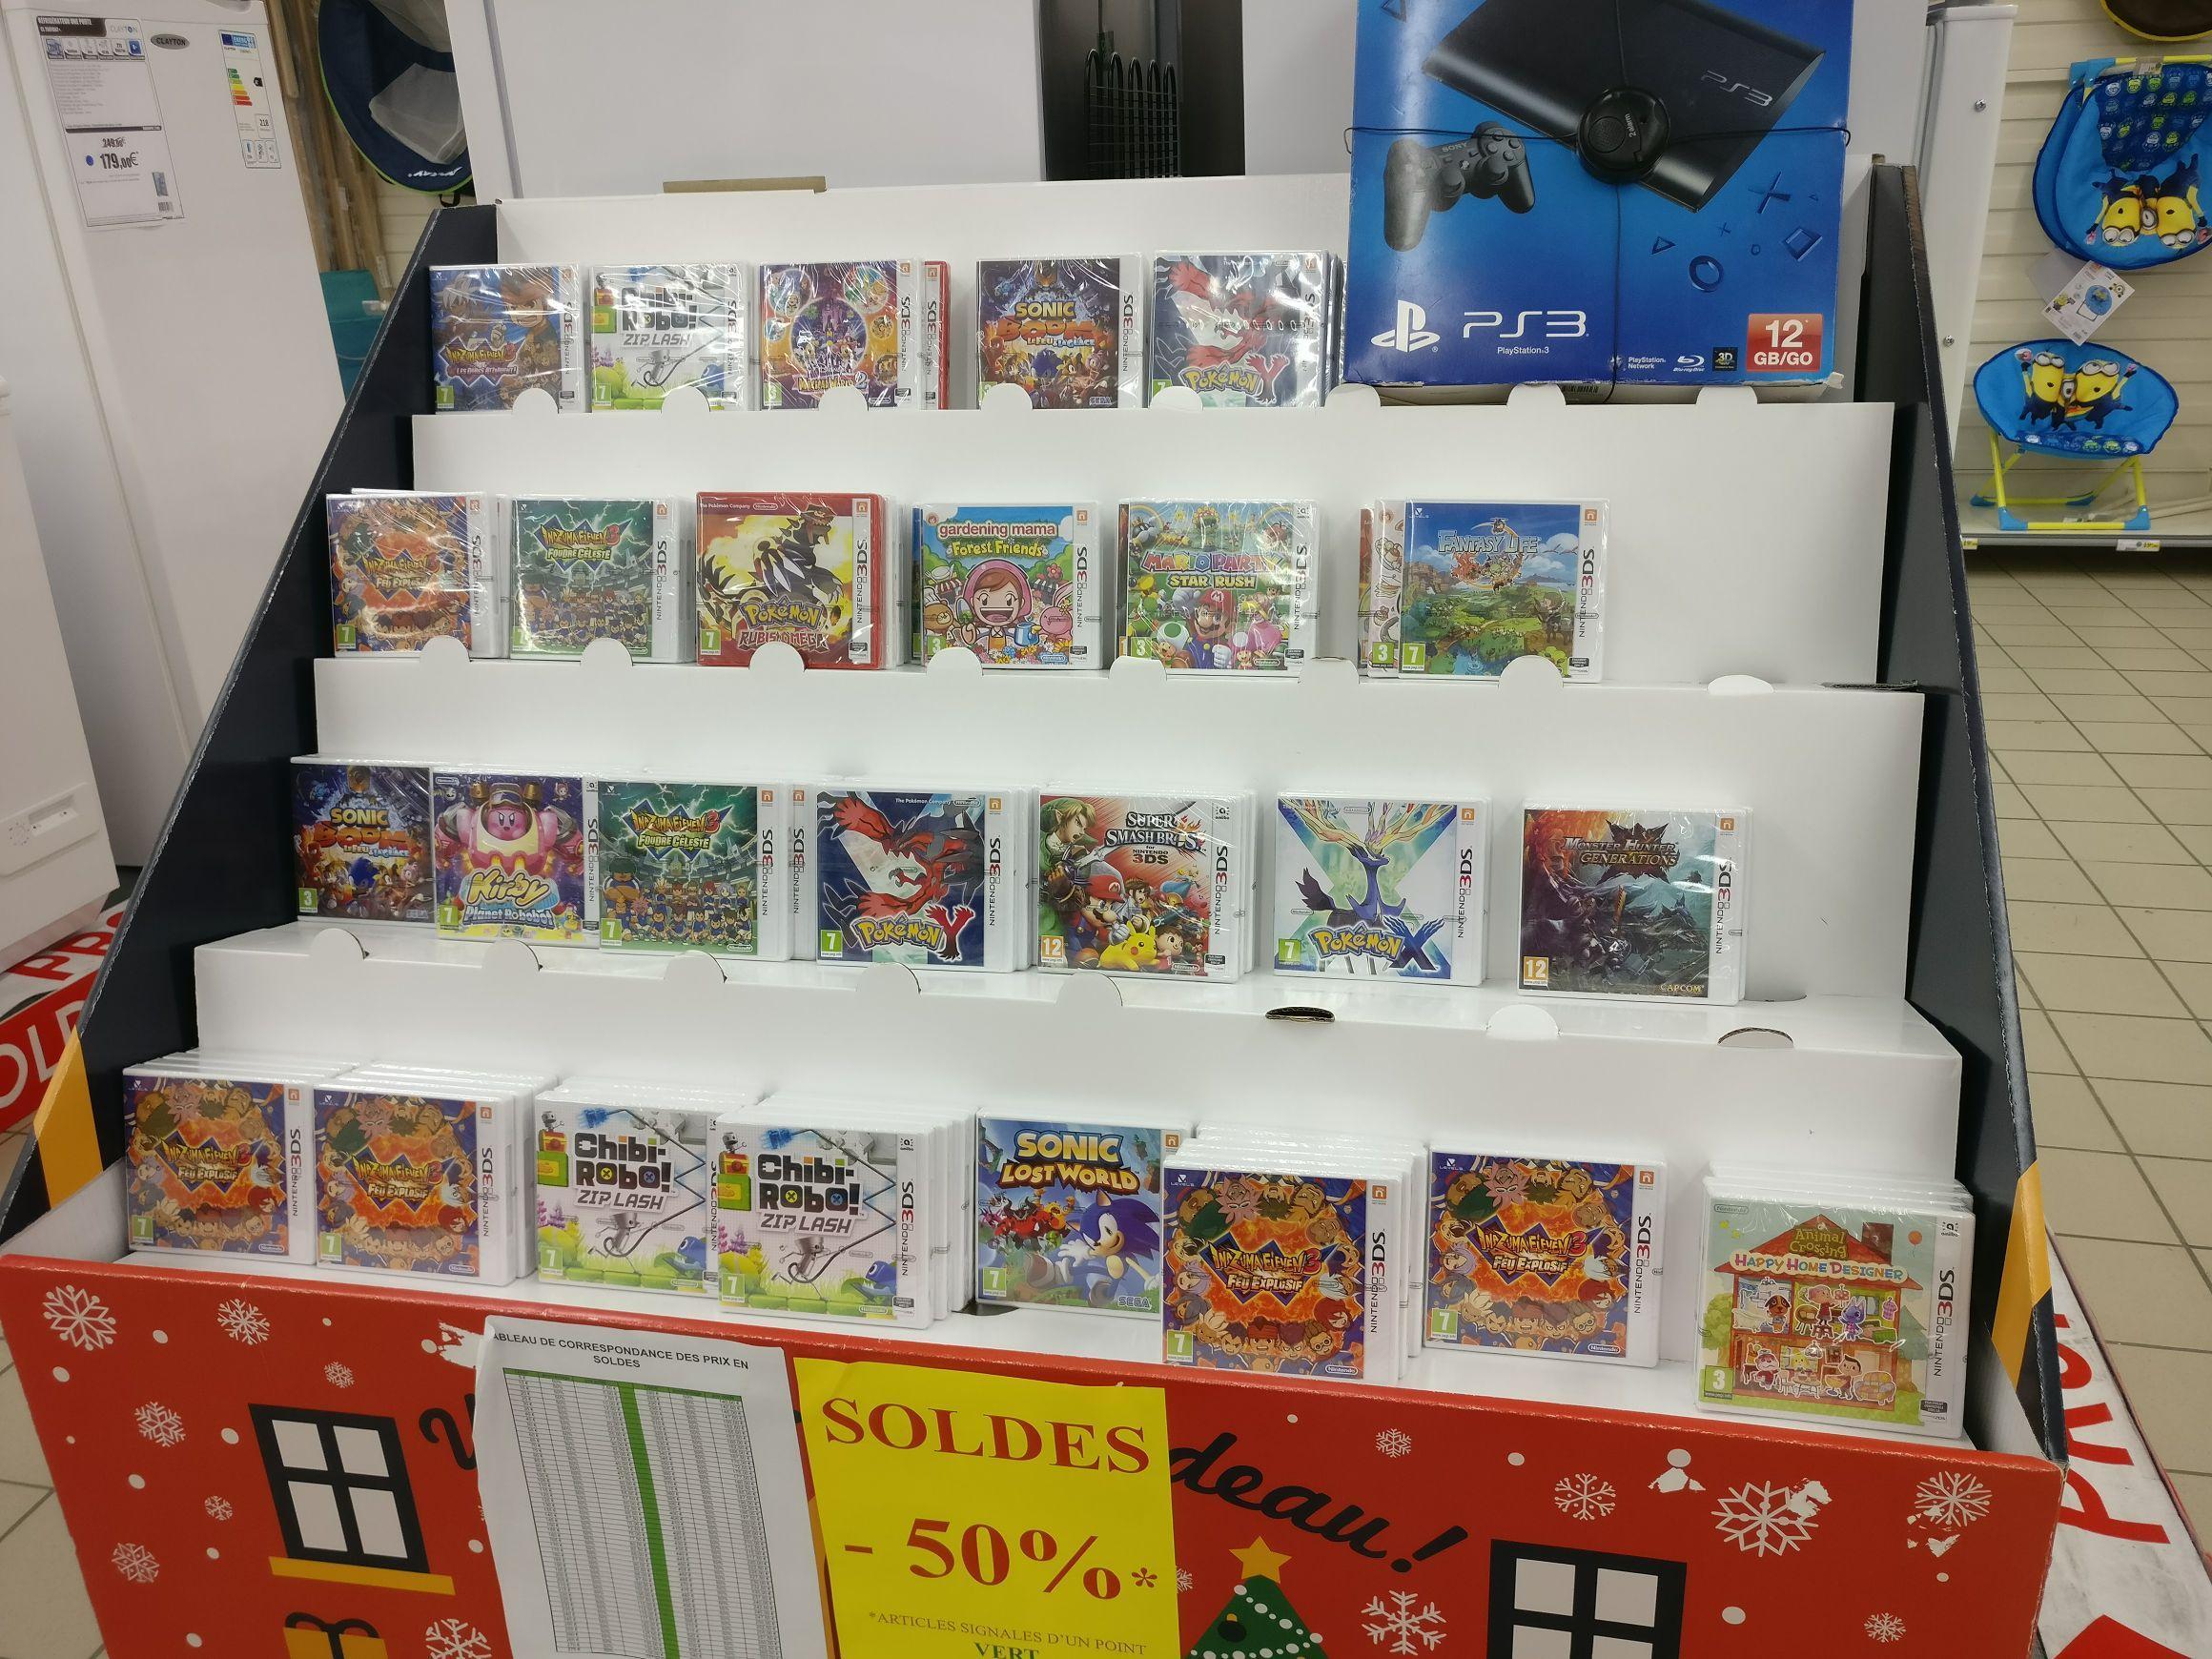 Sélection de jeux vidéo sur 3DS à -50% - Ex: Pokémon Rubis Omega